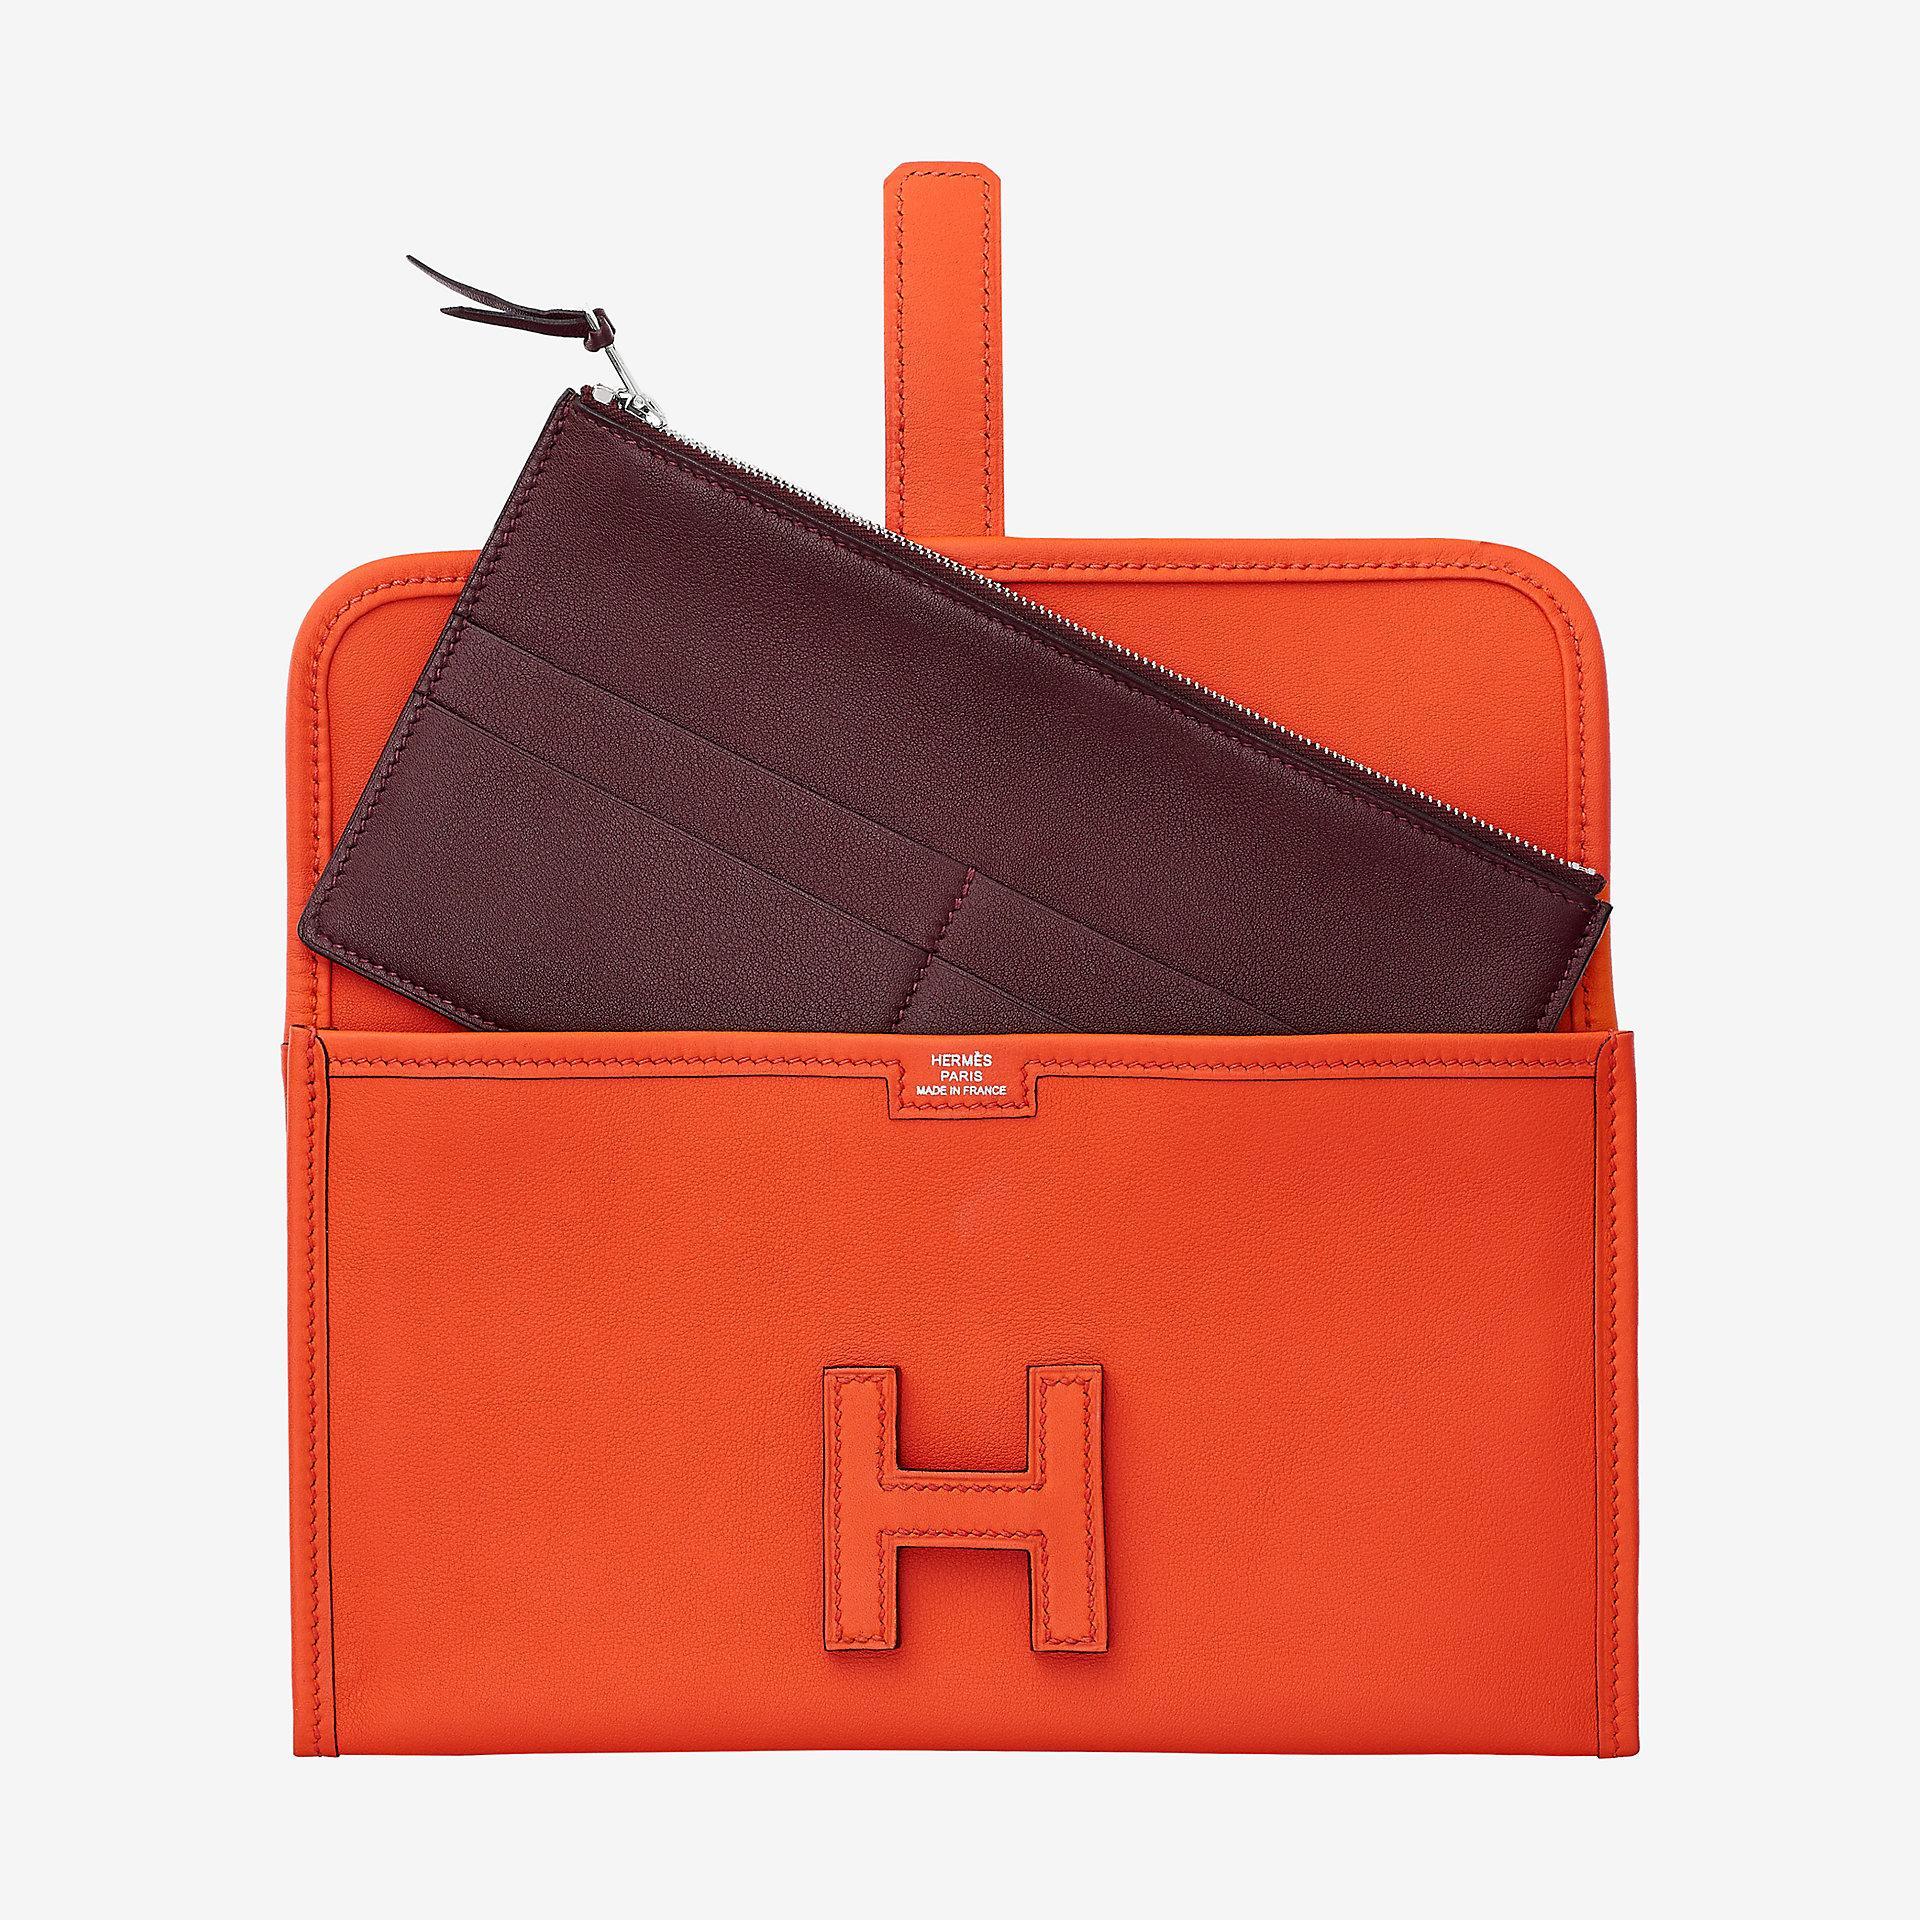 Hermes Jige Duo verso wallet CAAB orange poppy bordeaux Swift